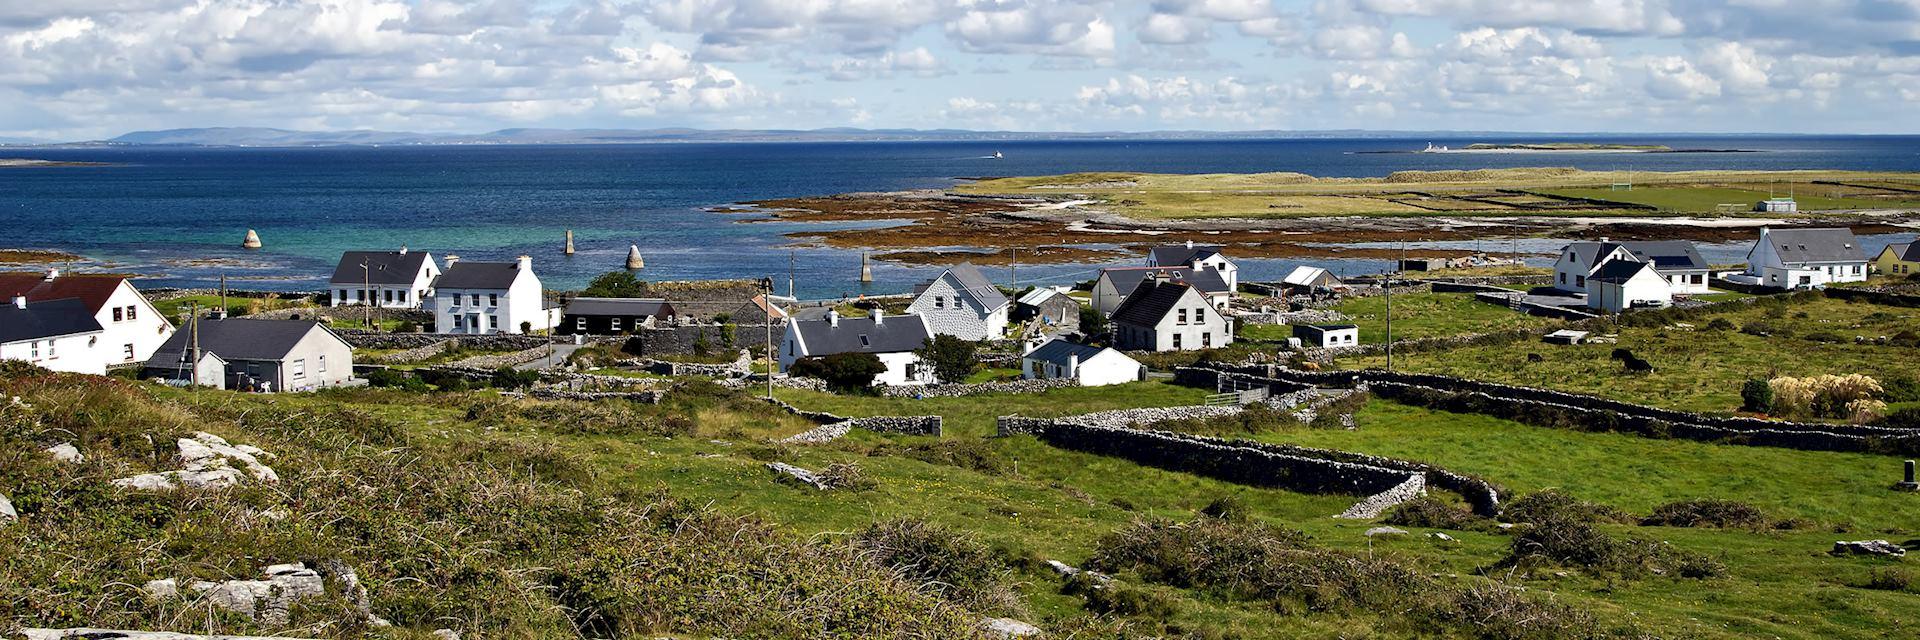 Aran Islands, Inis Mor